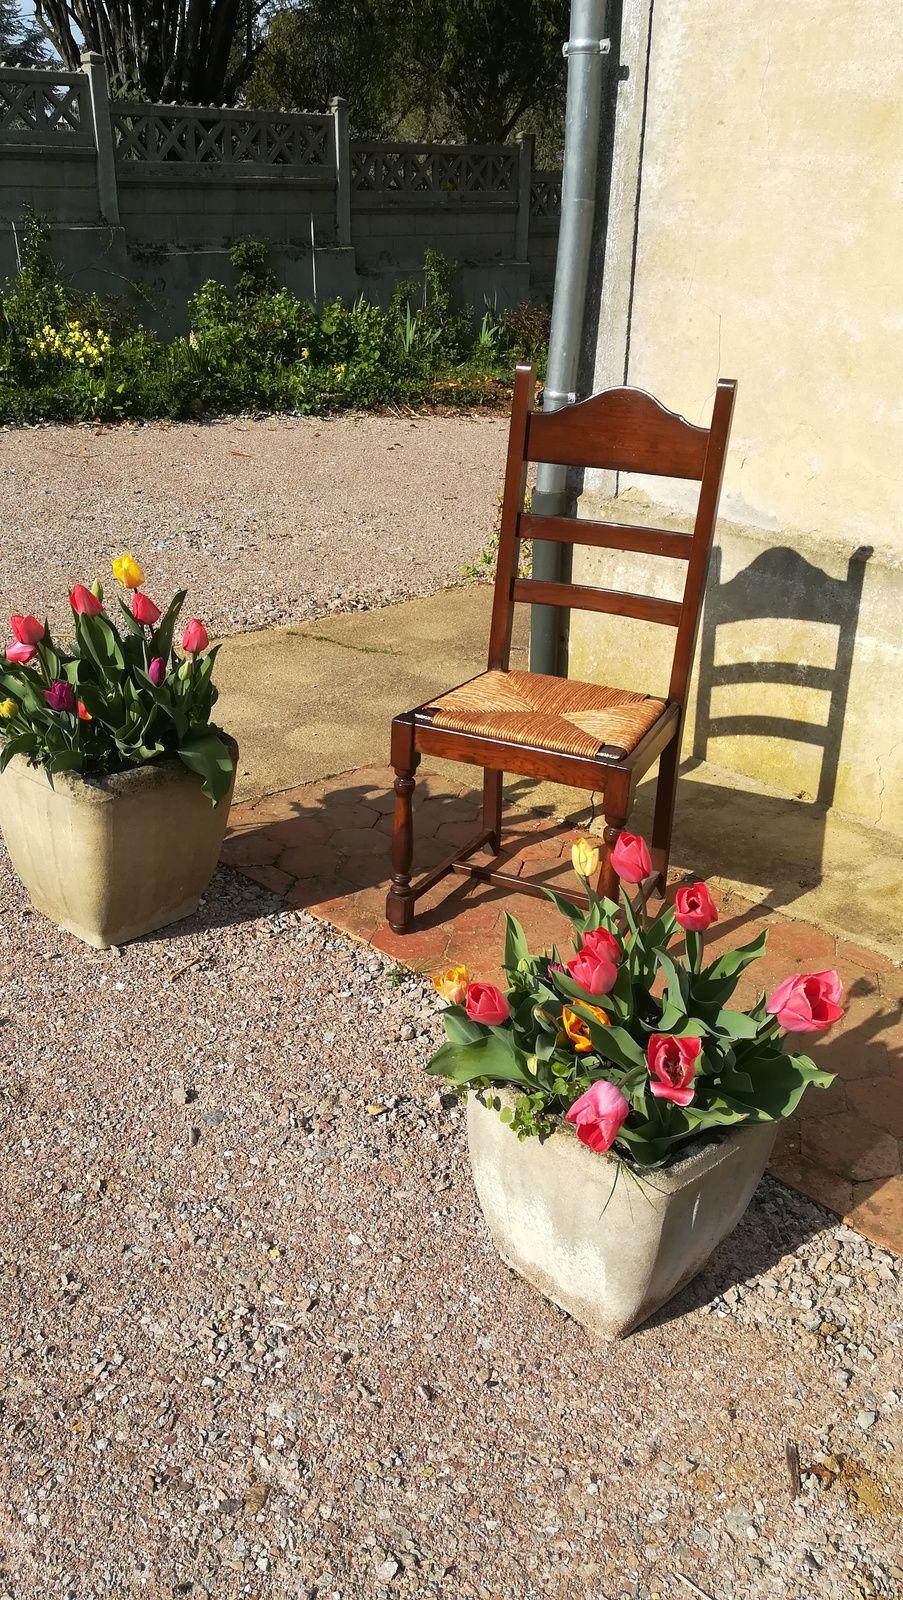 sièges cannés ou paillés chez JADIS à Clamecy 58 (Nièvre)